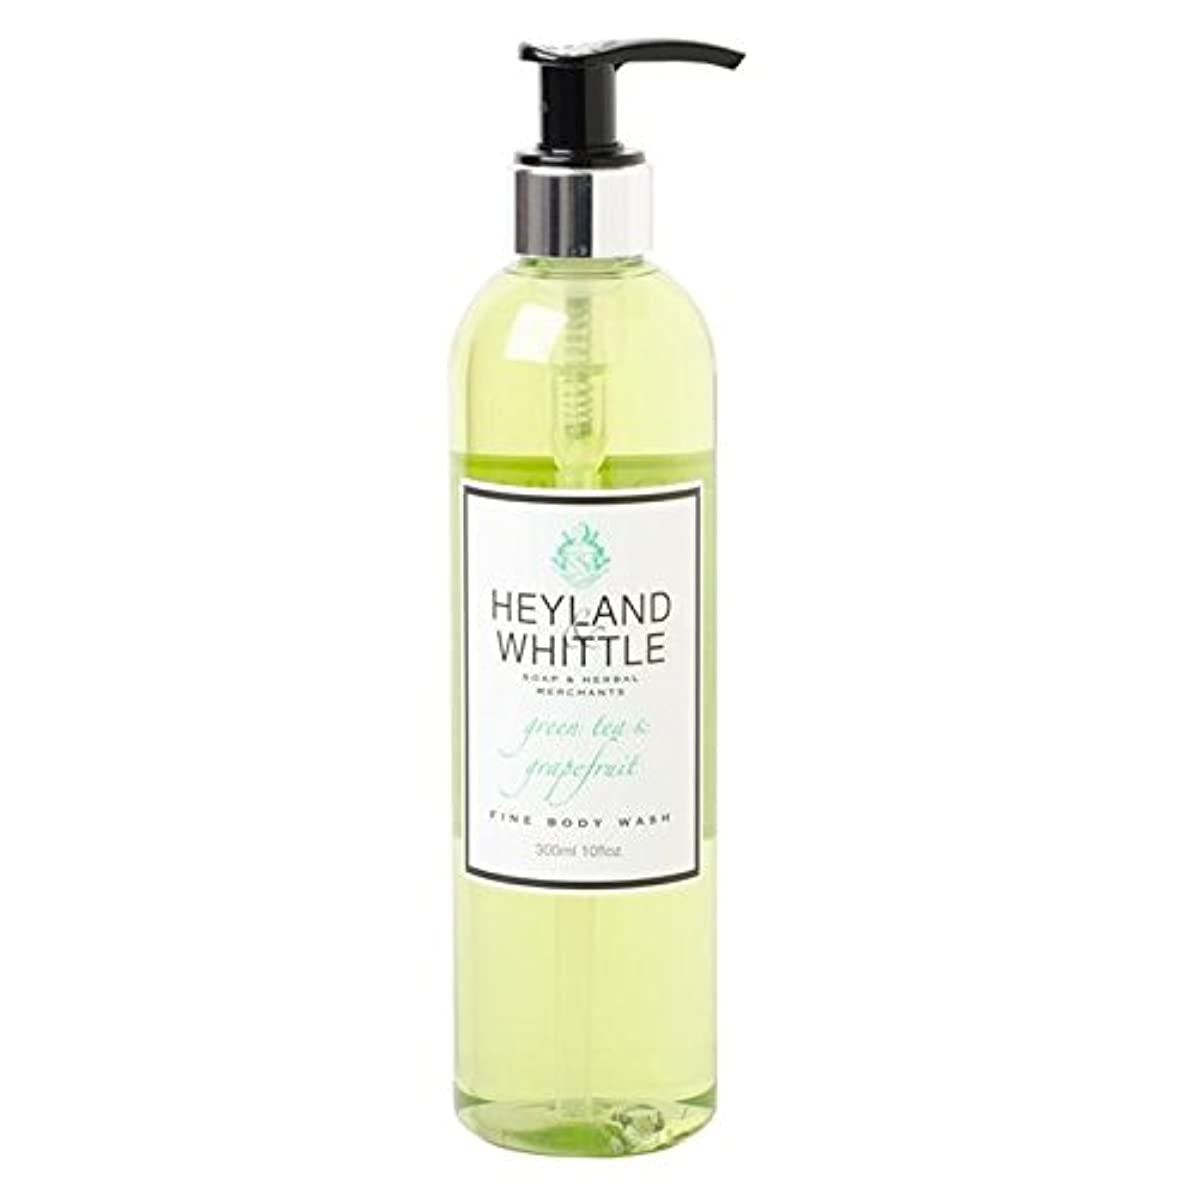 スパーク適用する入手しますHeyland & Whittle Greentea & Grapefruit Body Wash 300ml - &削るグリーンティ&グレープフルーツボディウォッシュ300ミリリットル [並行輸入品]